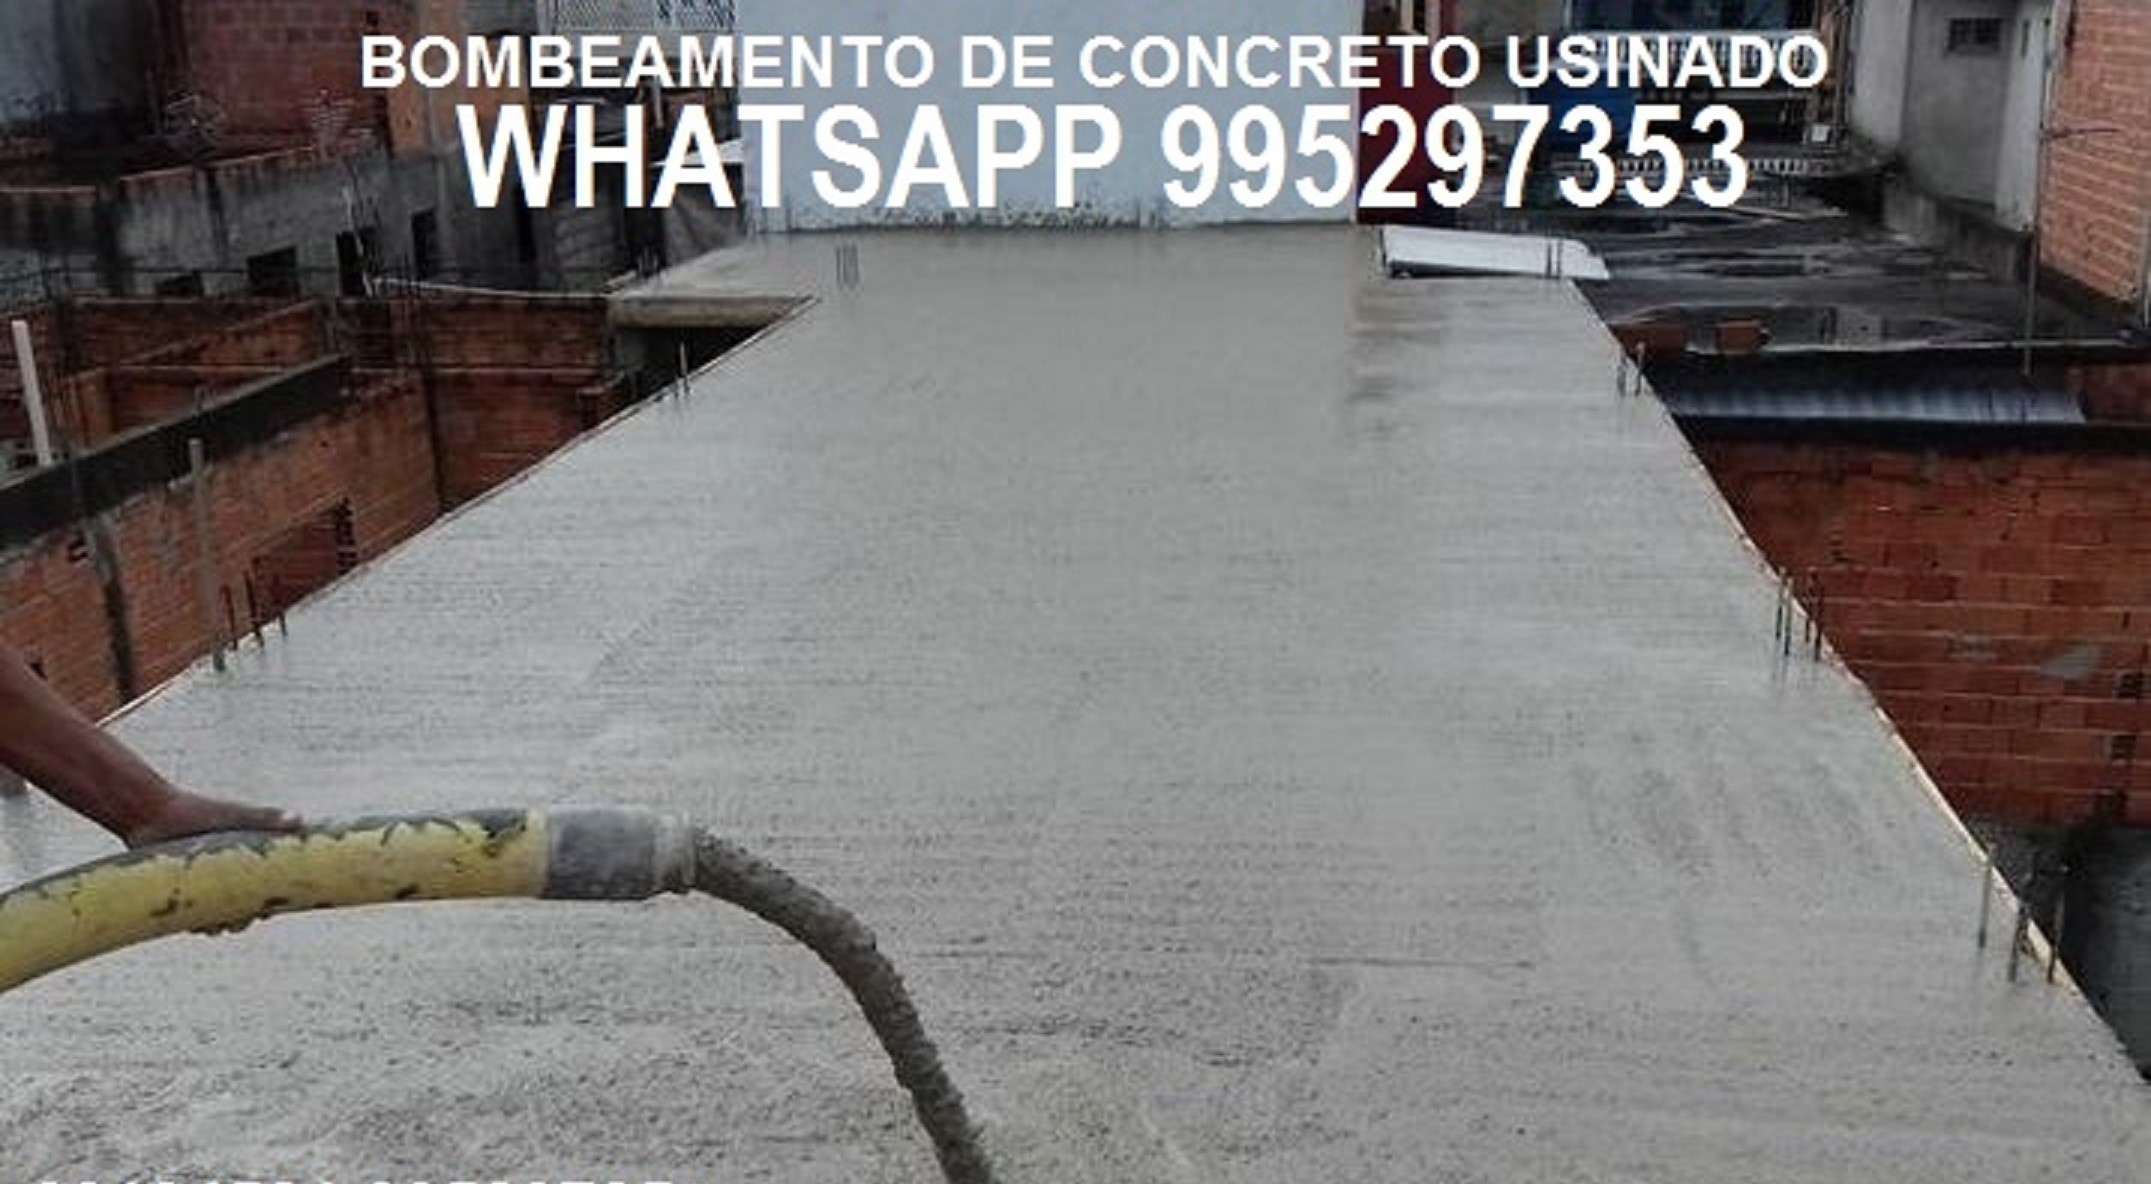 Concreto Bombeado Bangu Realengo Padre Miguel Construção Civil